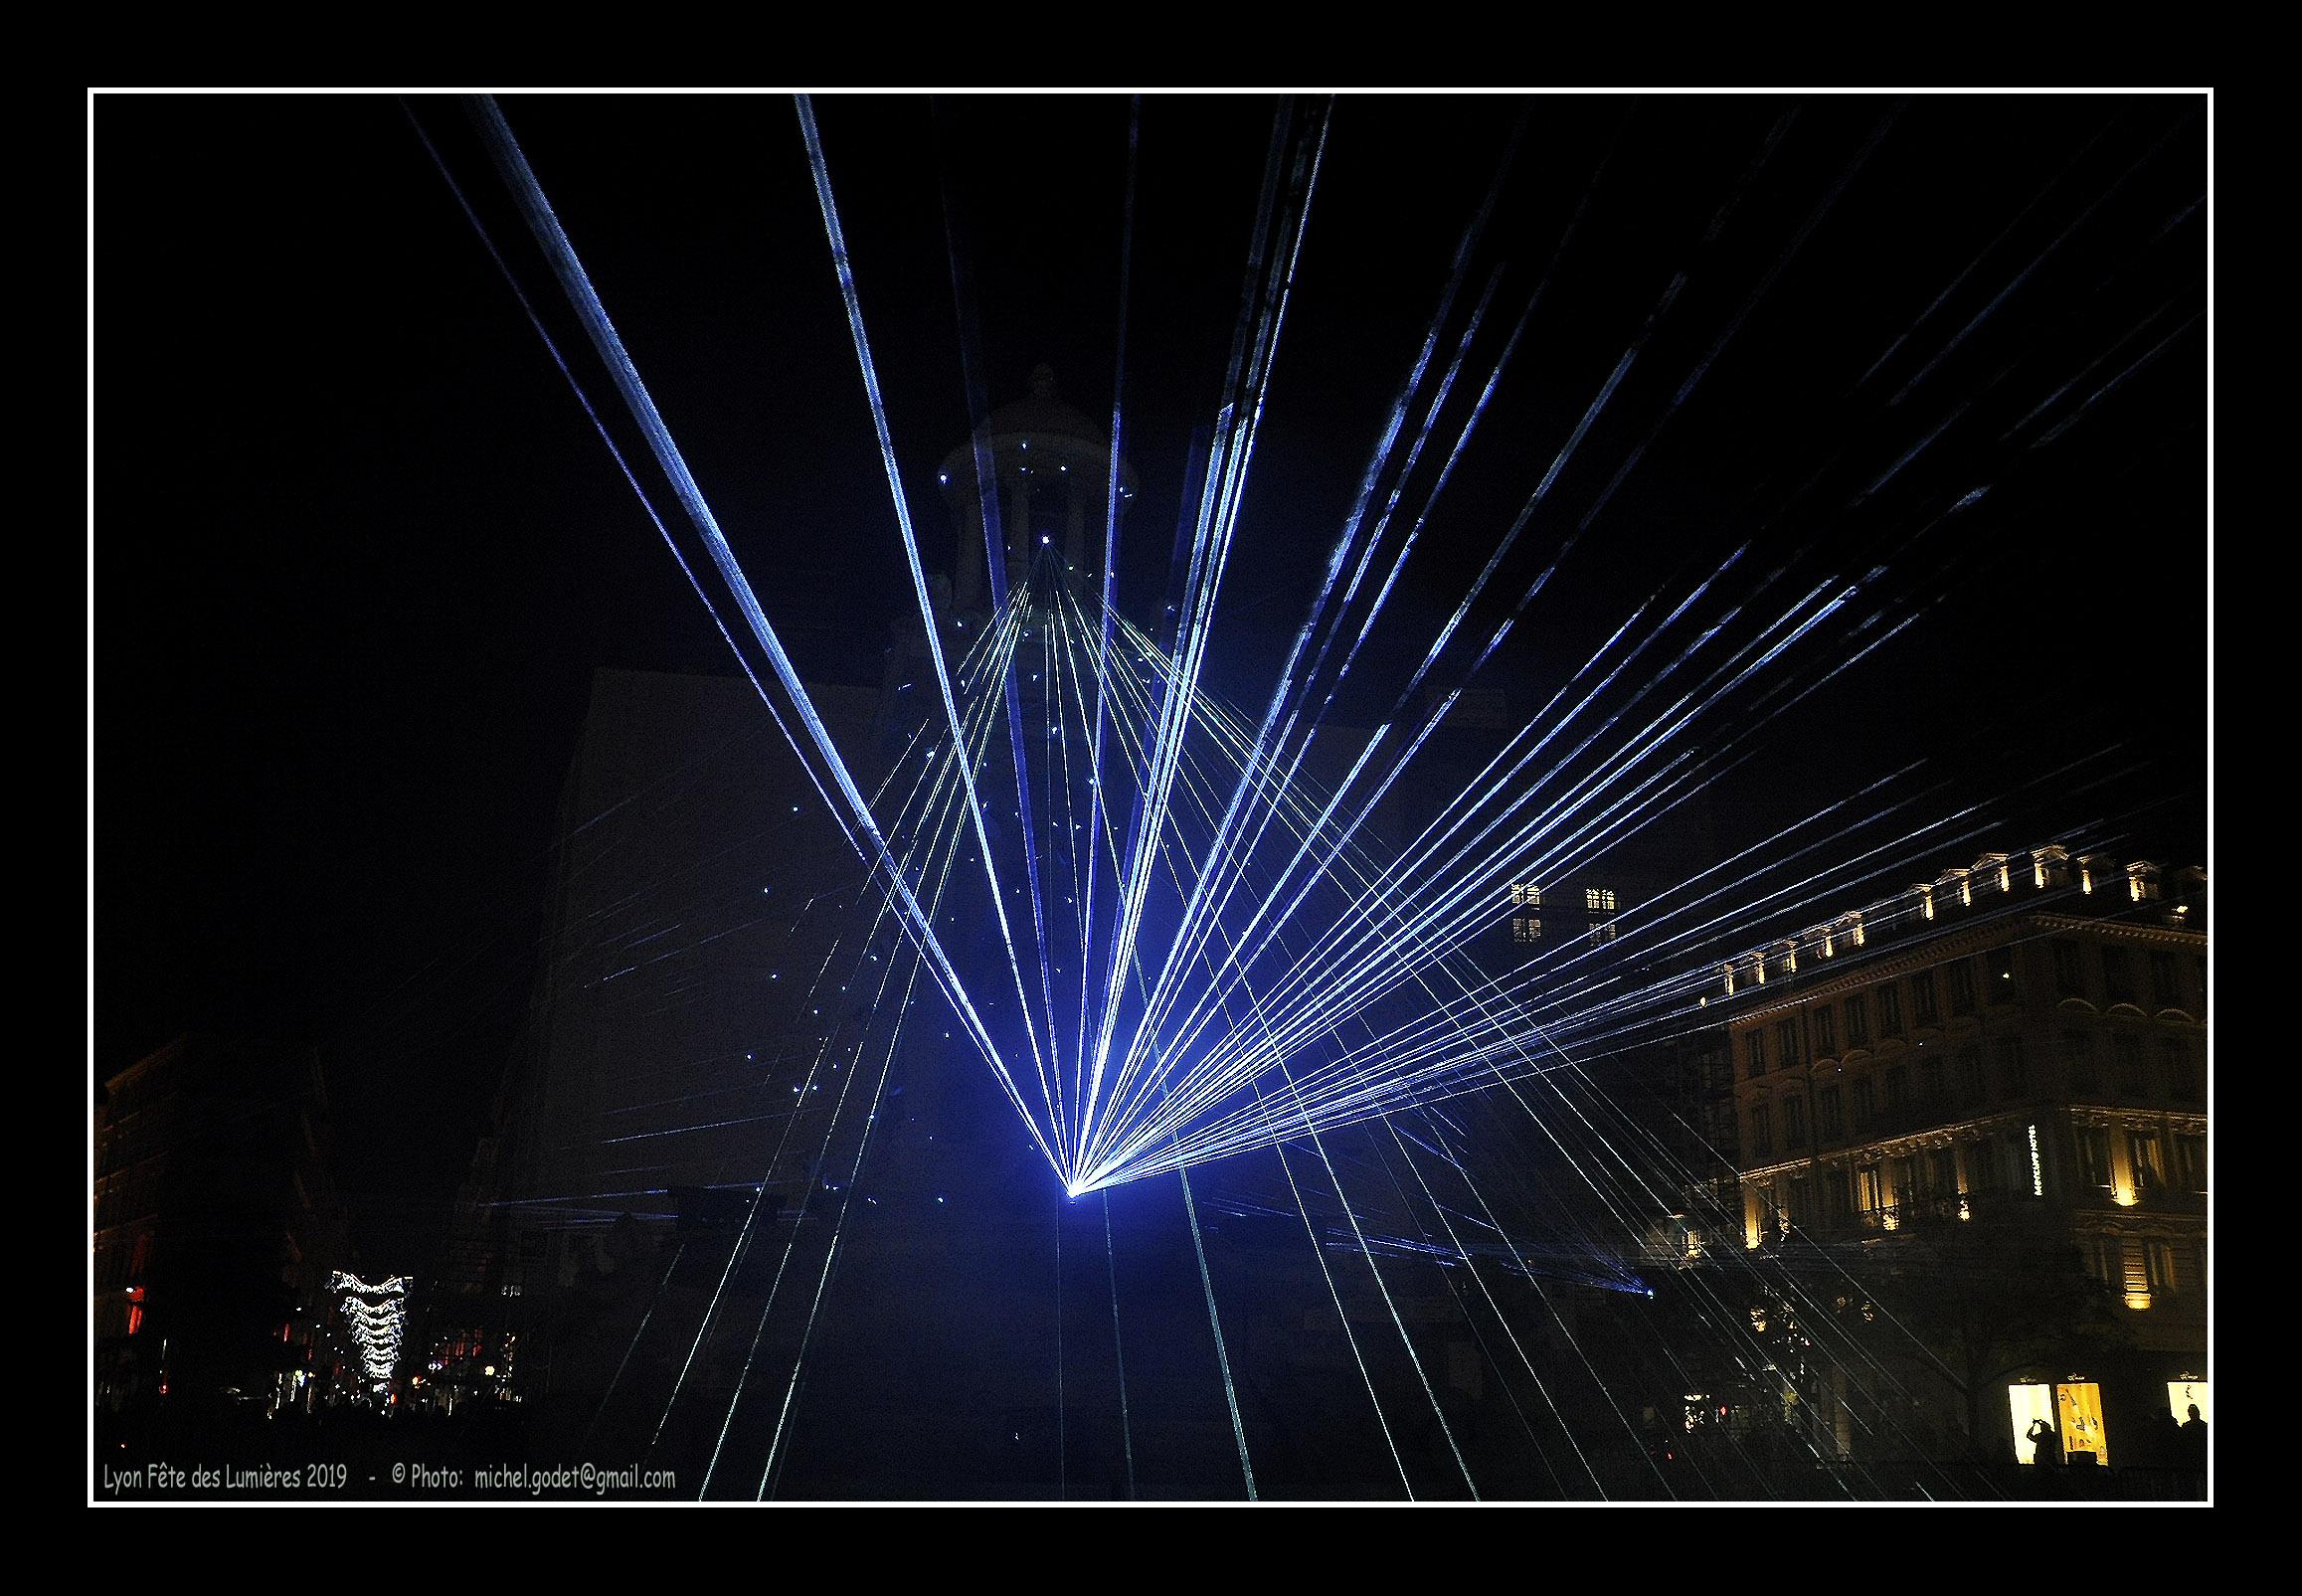 Lyon Fête des Lumières 2019 ©Godet_0763